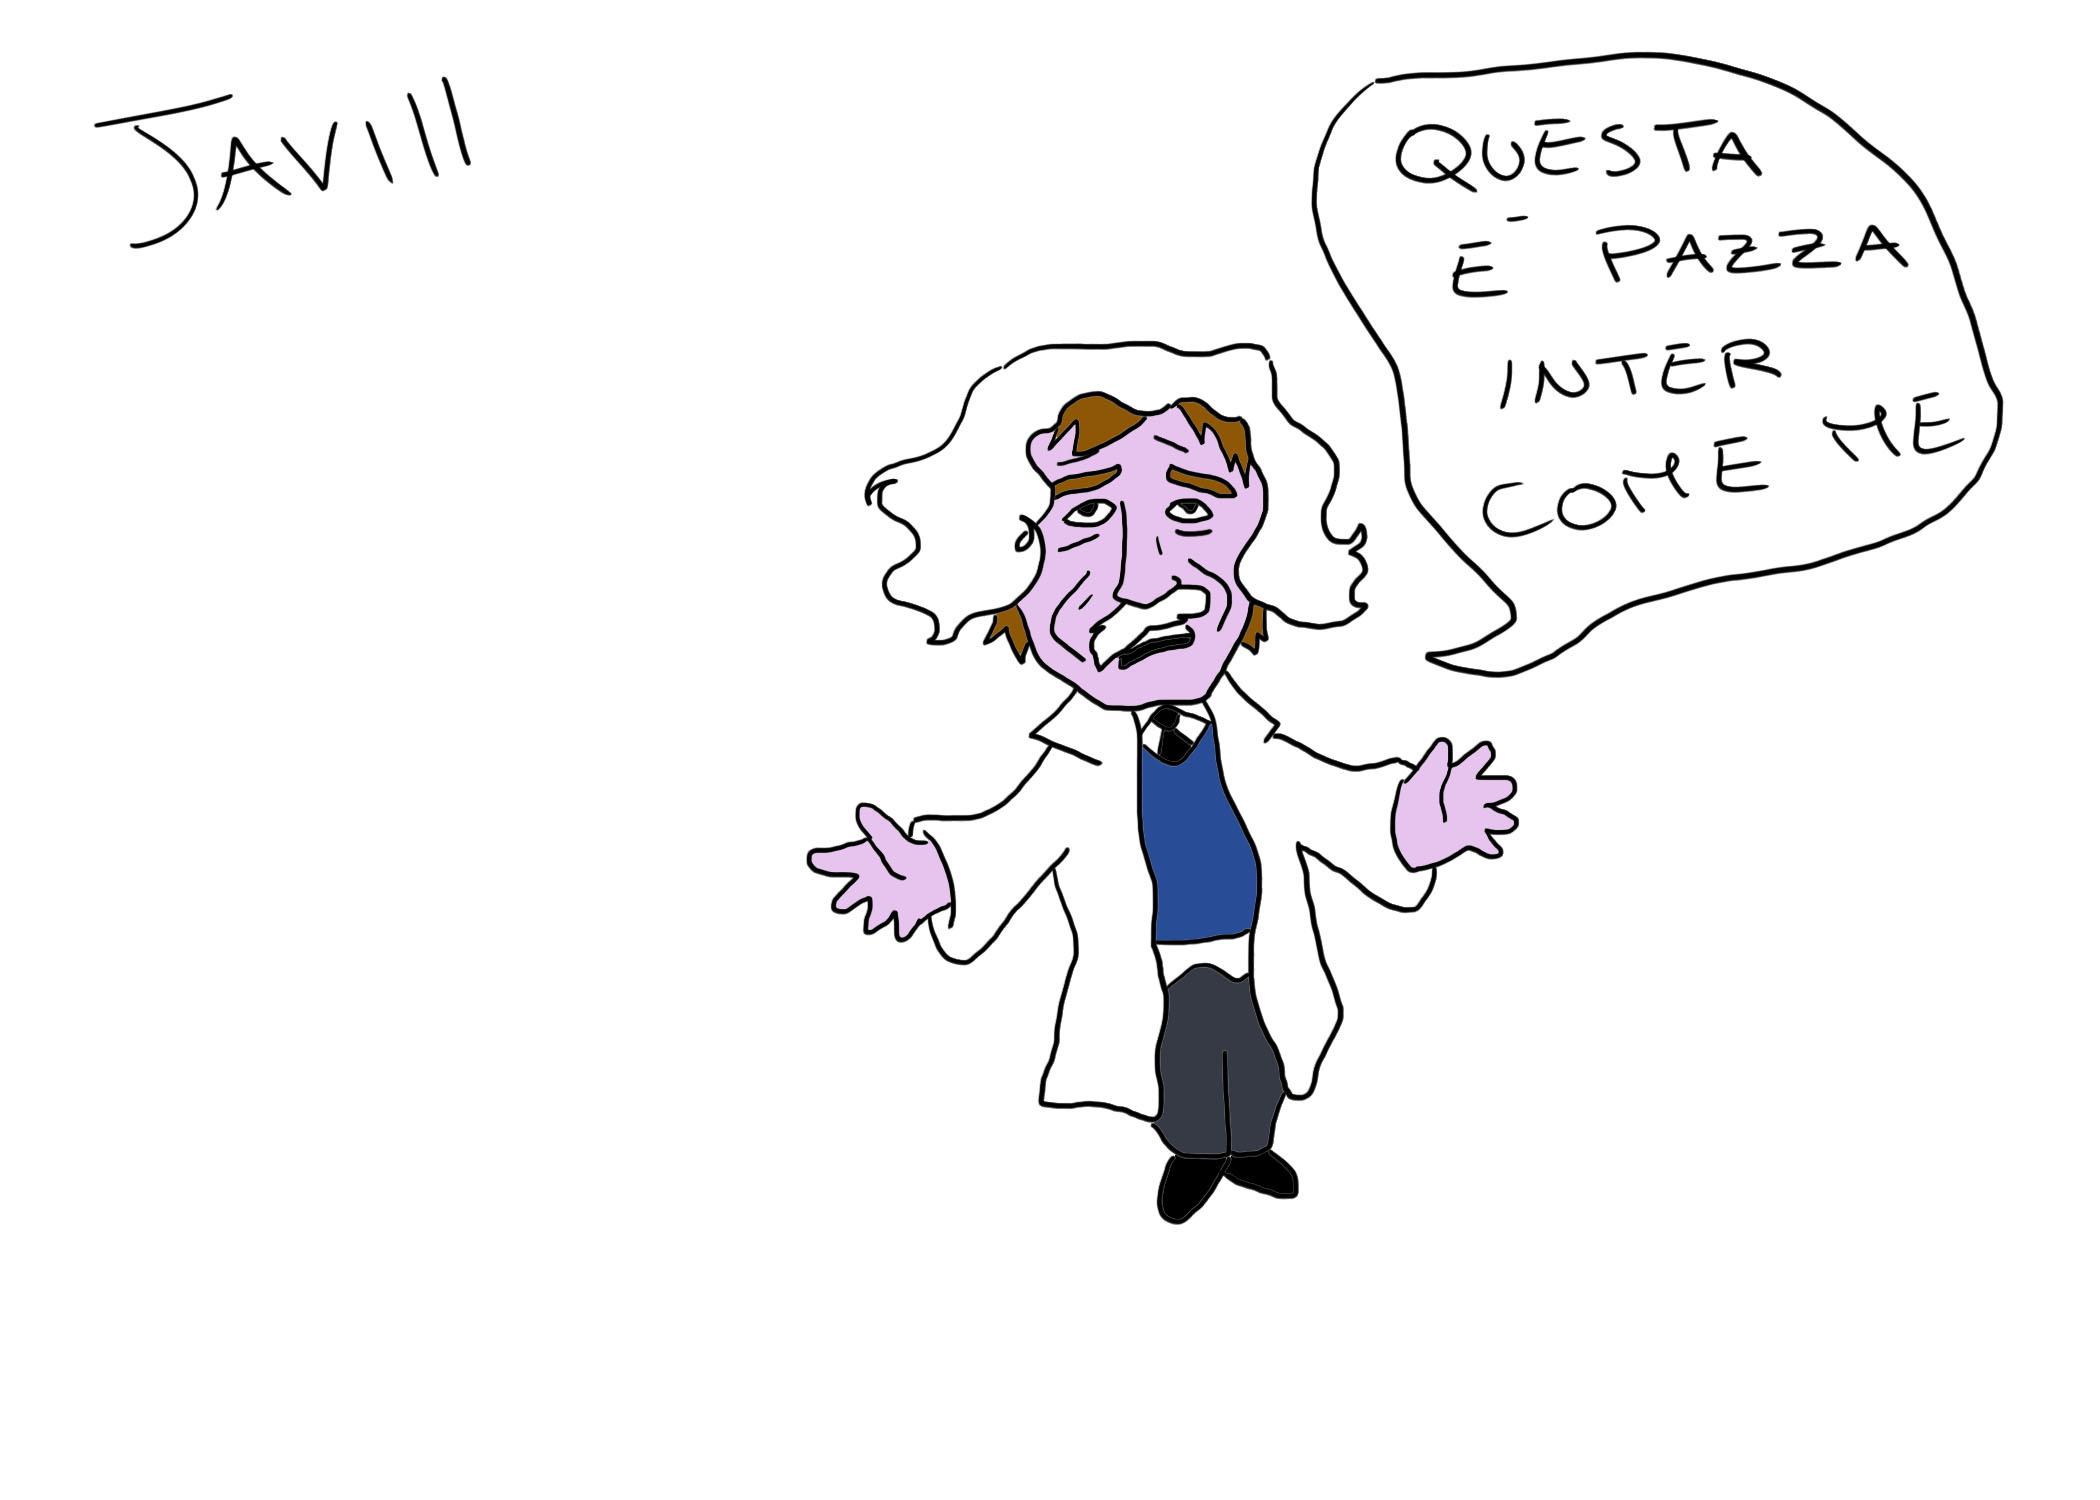 PAZZA INTER CHE RIMONTA